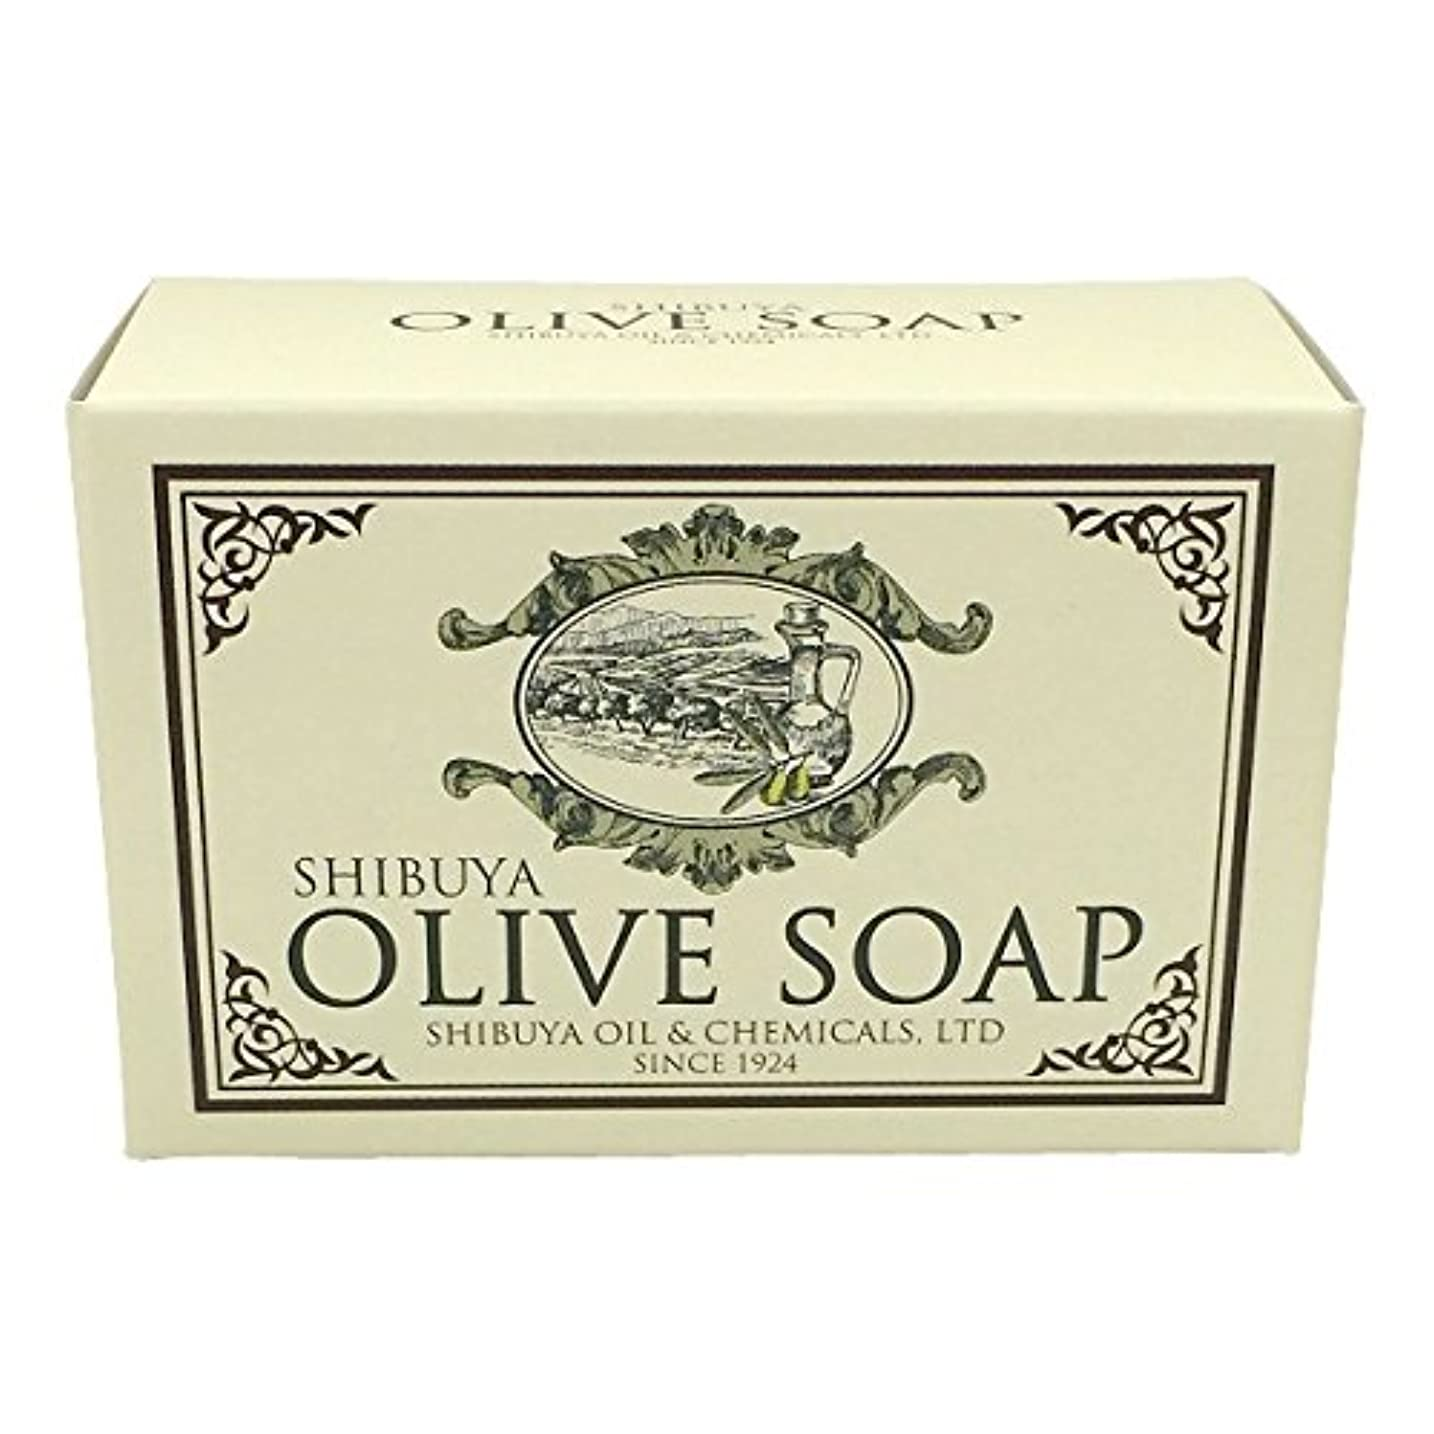 最も早いラオス人の面ではSHIBUYA OLIVE SOAP (100G)